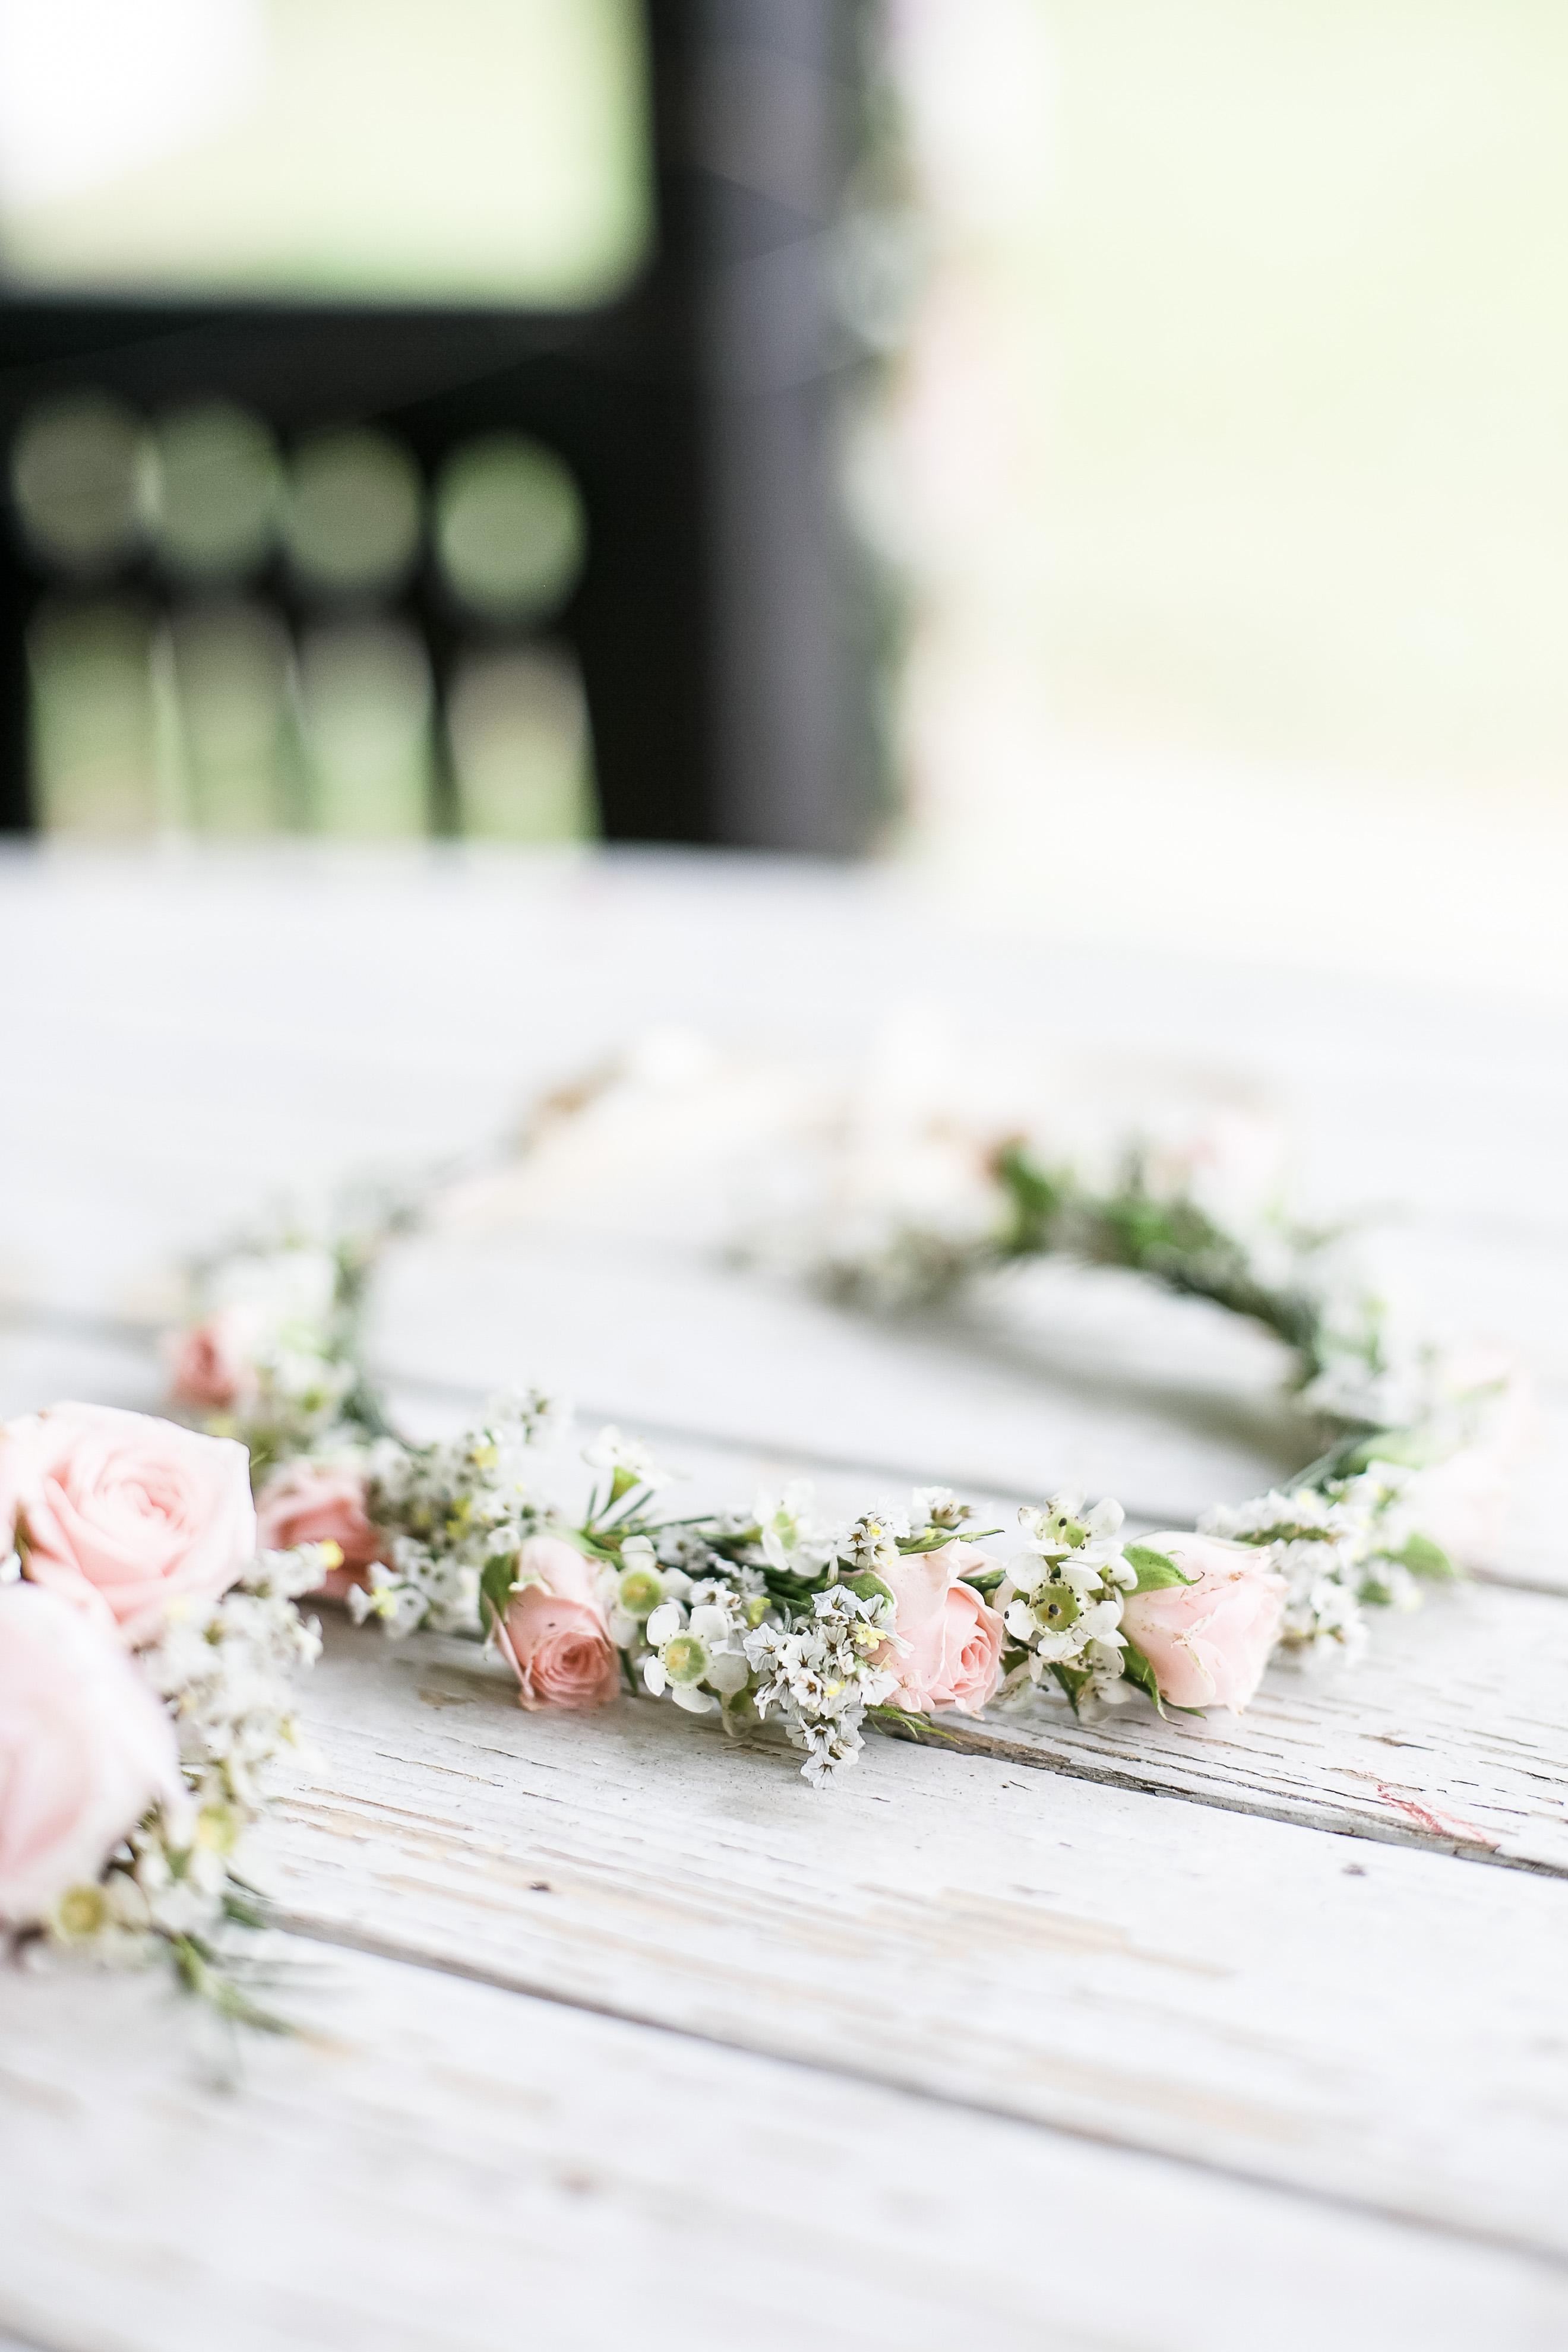 Hochzeit-Kopfschmuck_Blumenkranz